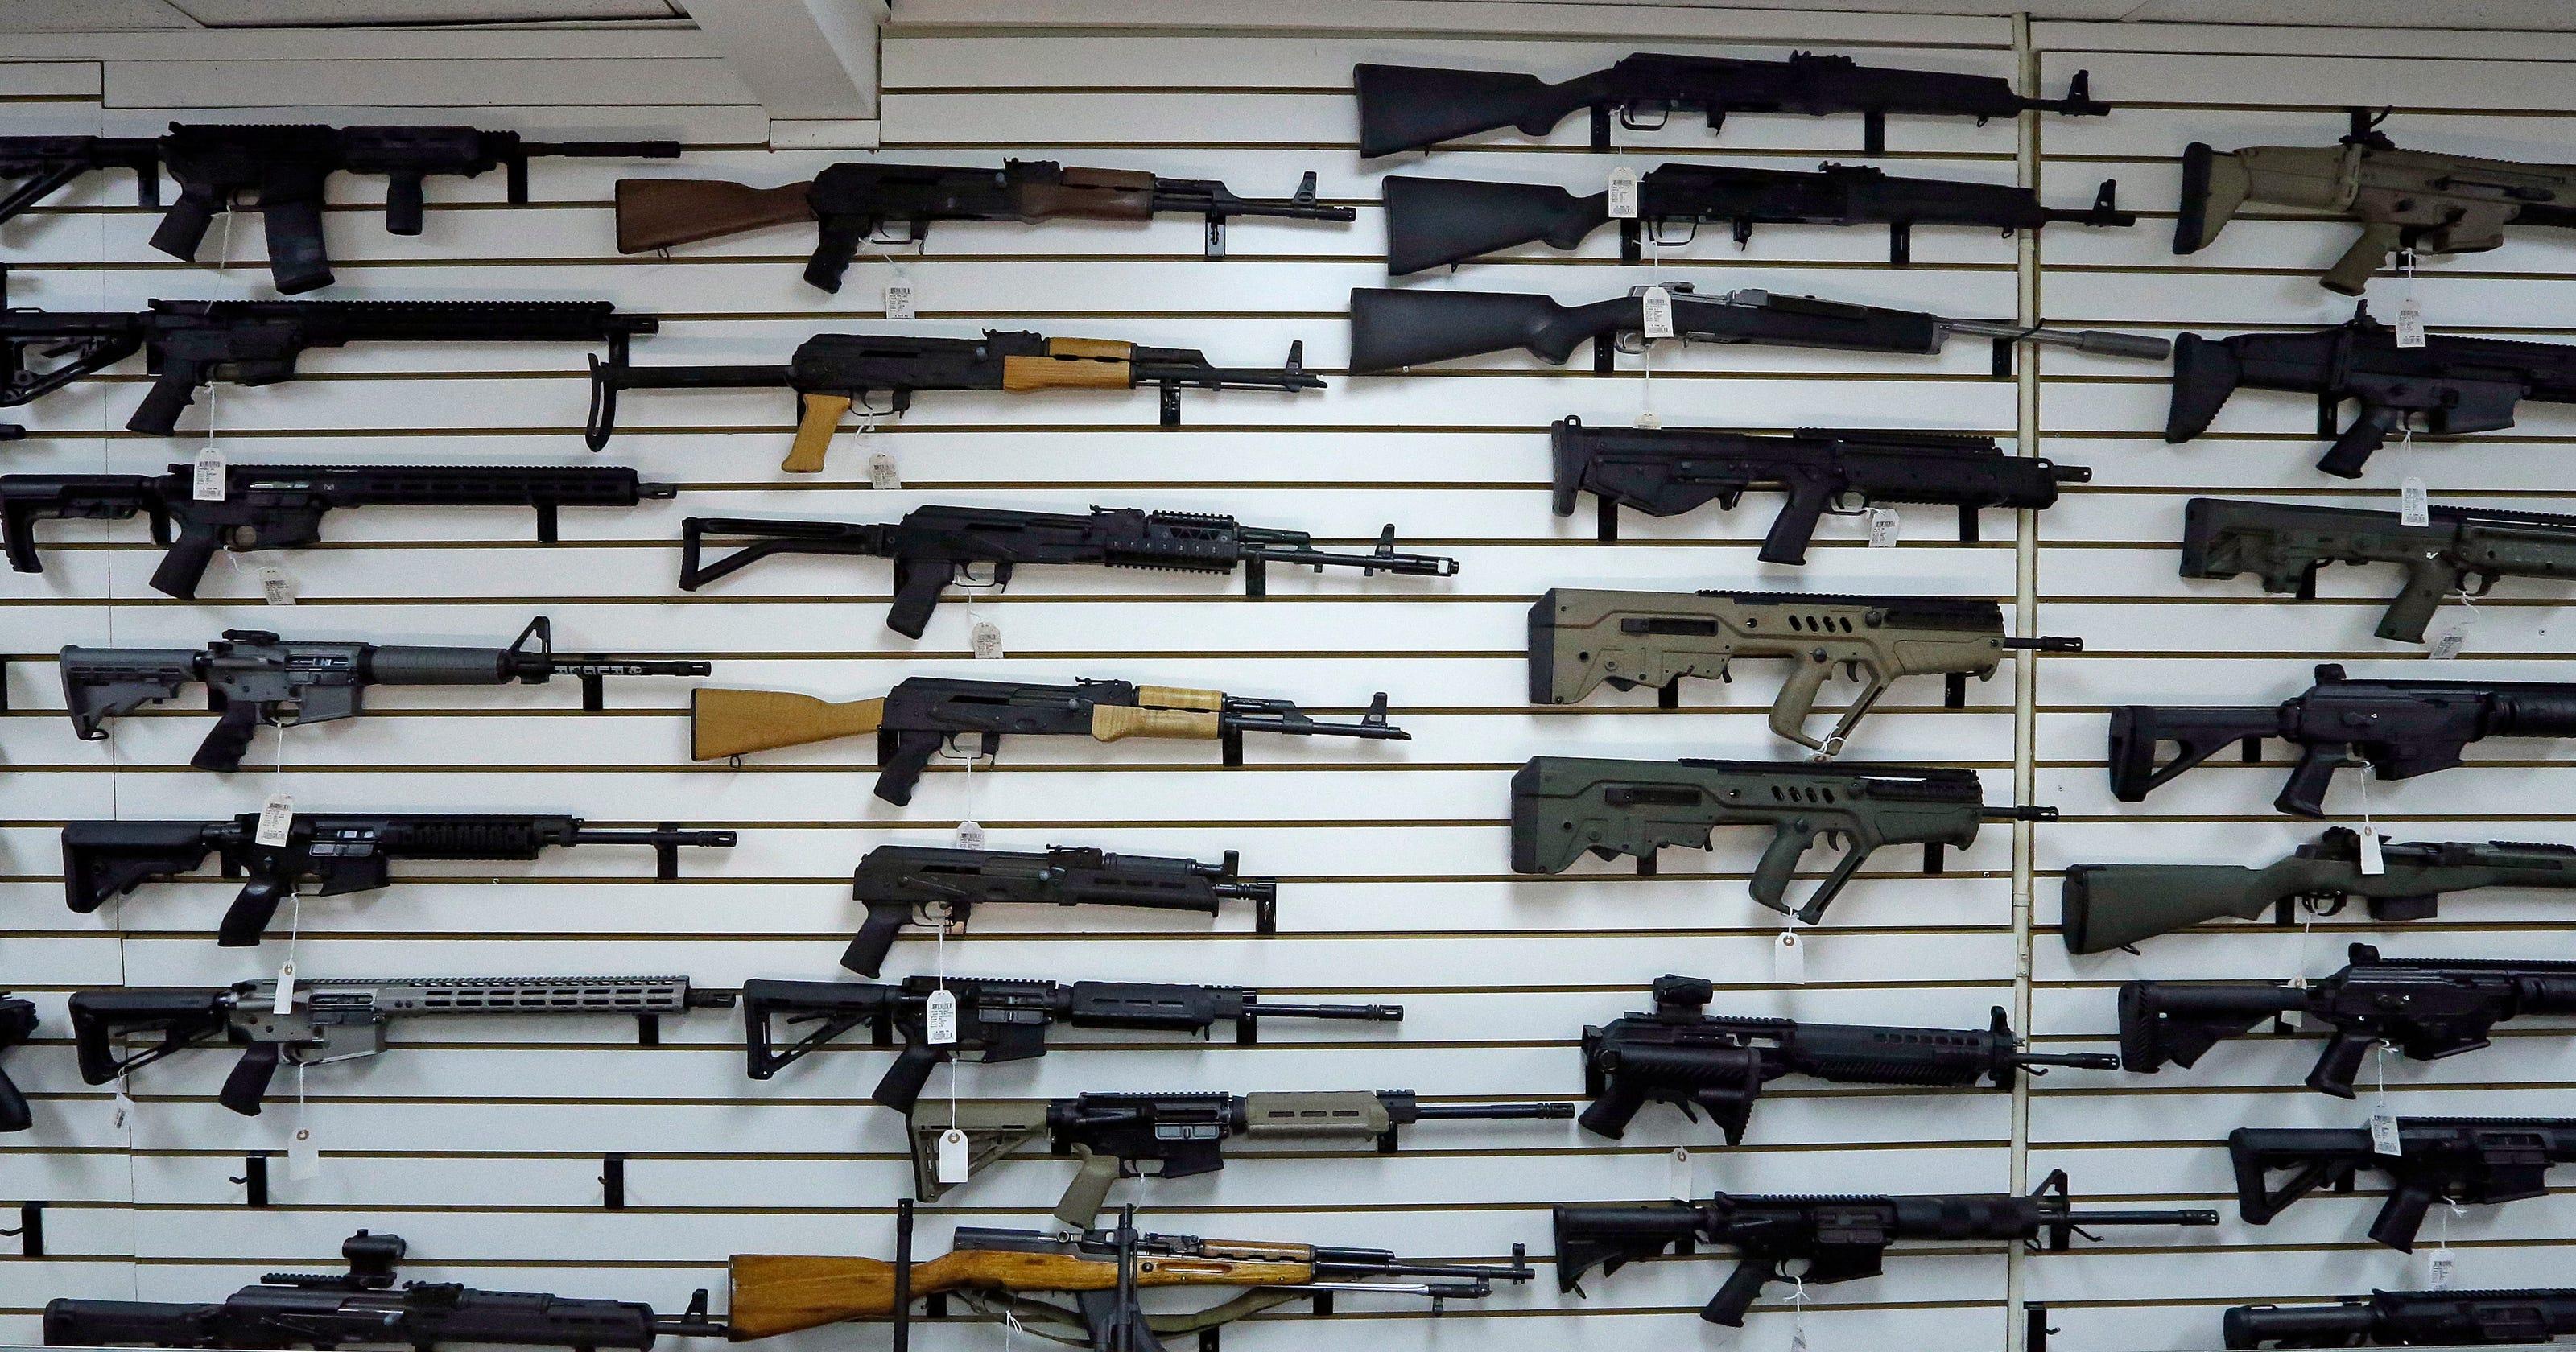 Black Friday Posts Single Day Record For Gun Checks At